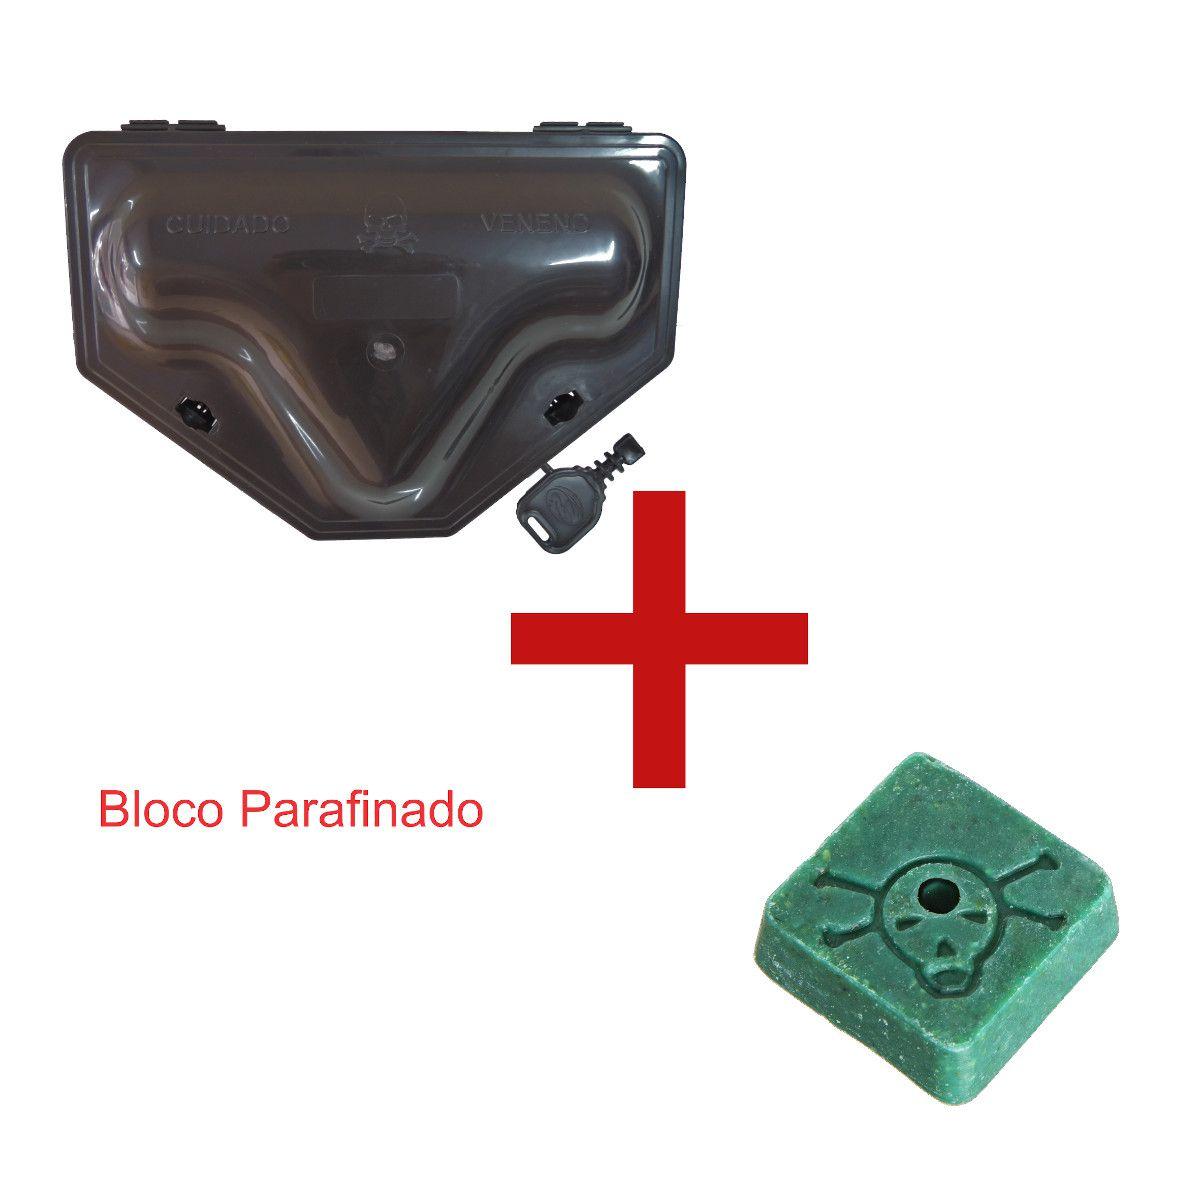 81 Porta Iscas C/ Duplo Travamento + 81 Bloco Parafinado